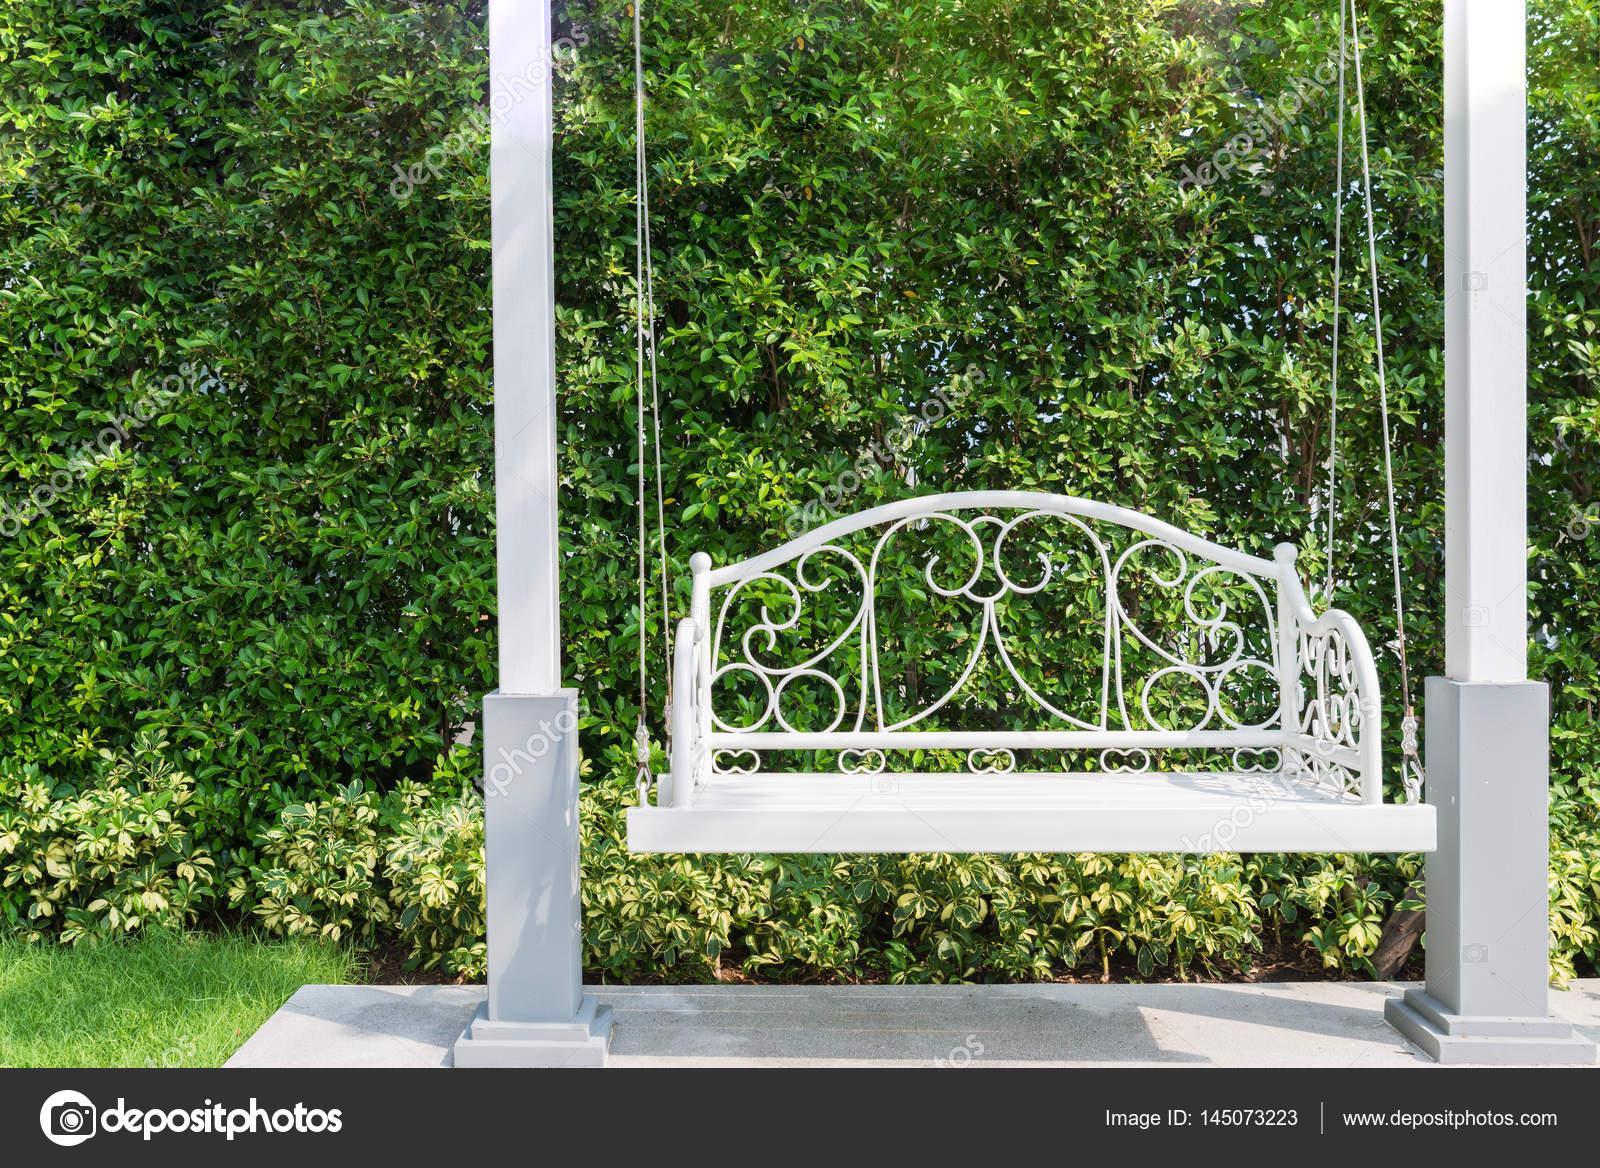 Schommel In Huis : Veranda met een witte veranda schommel op tuin in huis u stockfoto